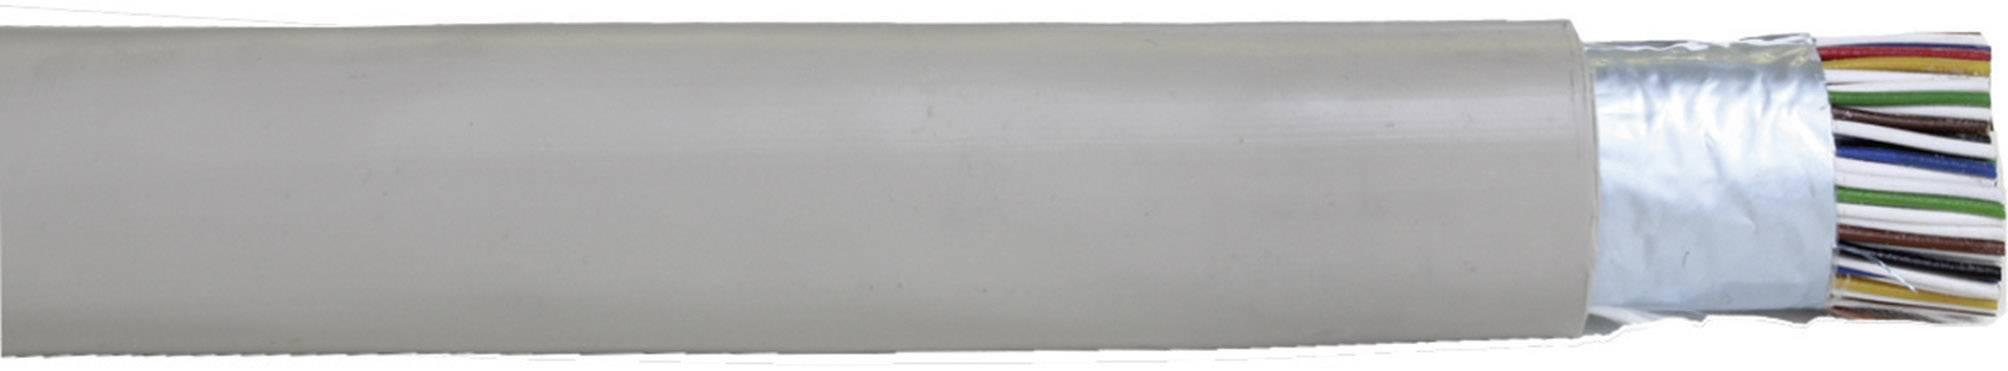 Řídicí kabel Faber Kabel J-Y(ST)Y (100003), 5,5 mm, stíněný, šedá, 1 m